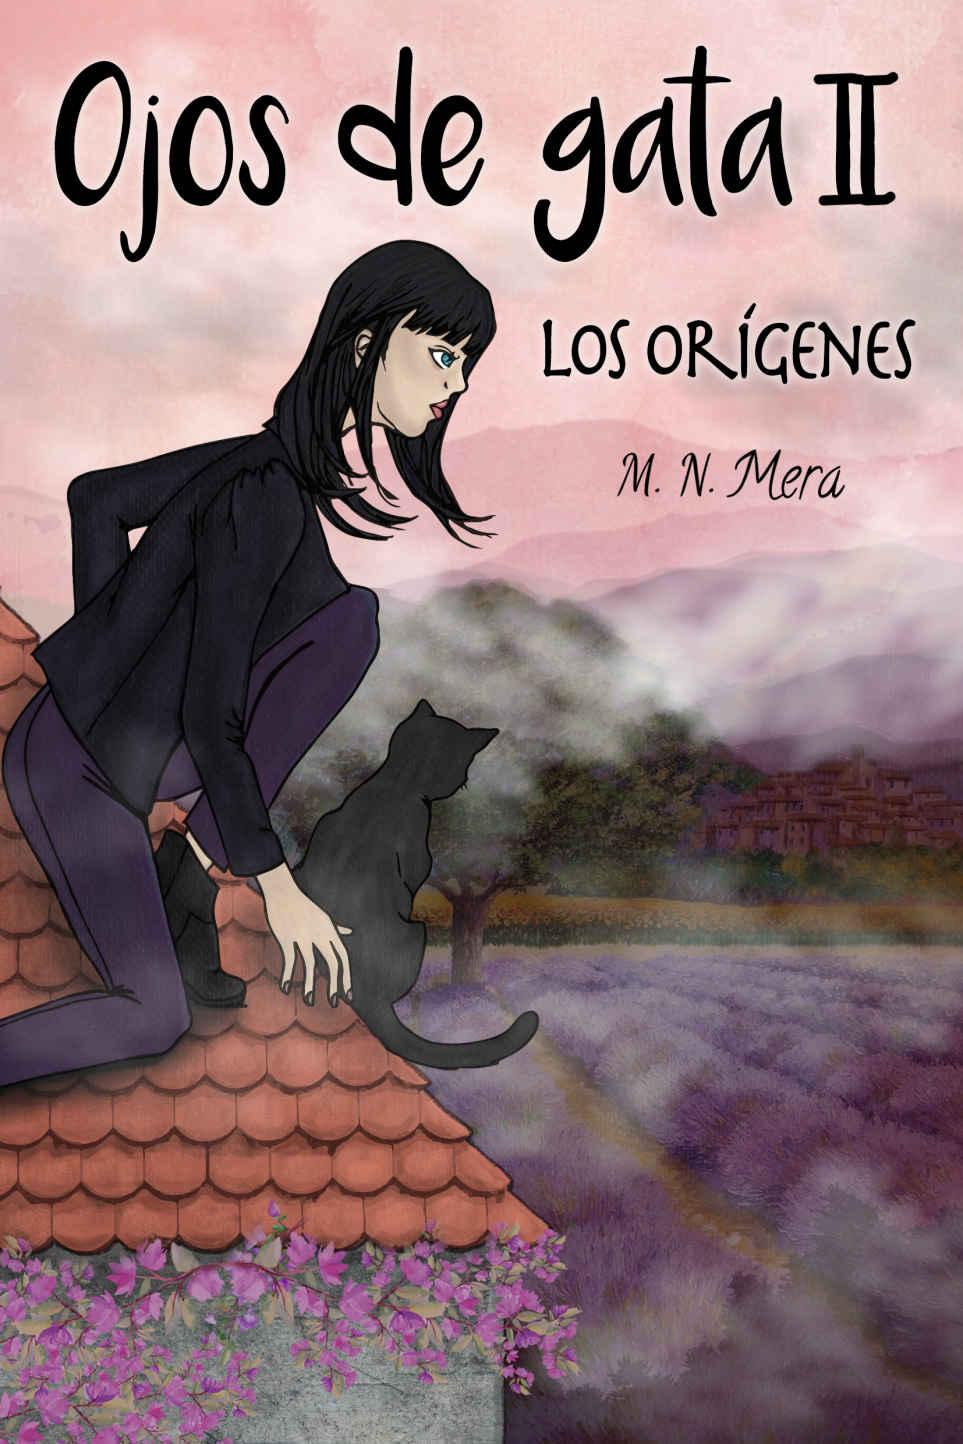 Ojos de gata II: los orígenes - M. N. Mera